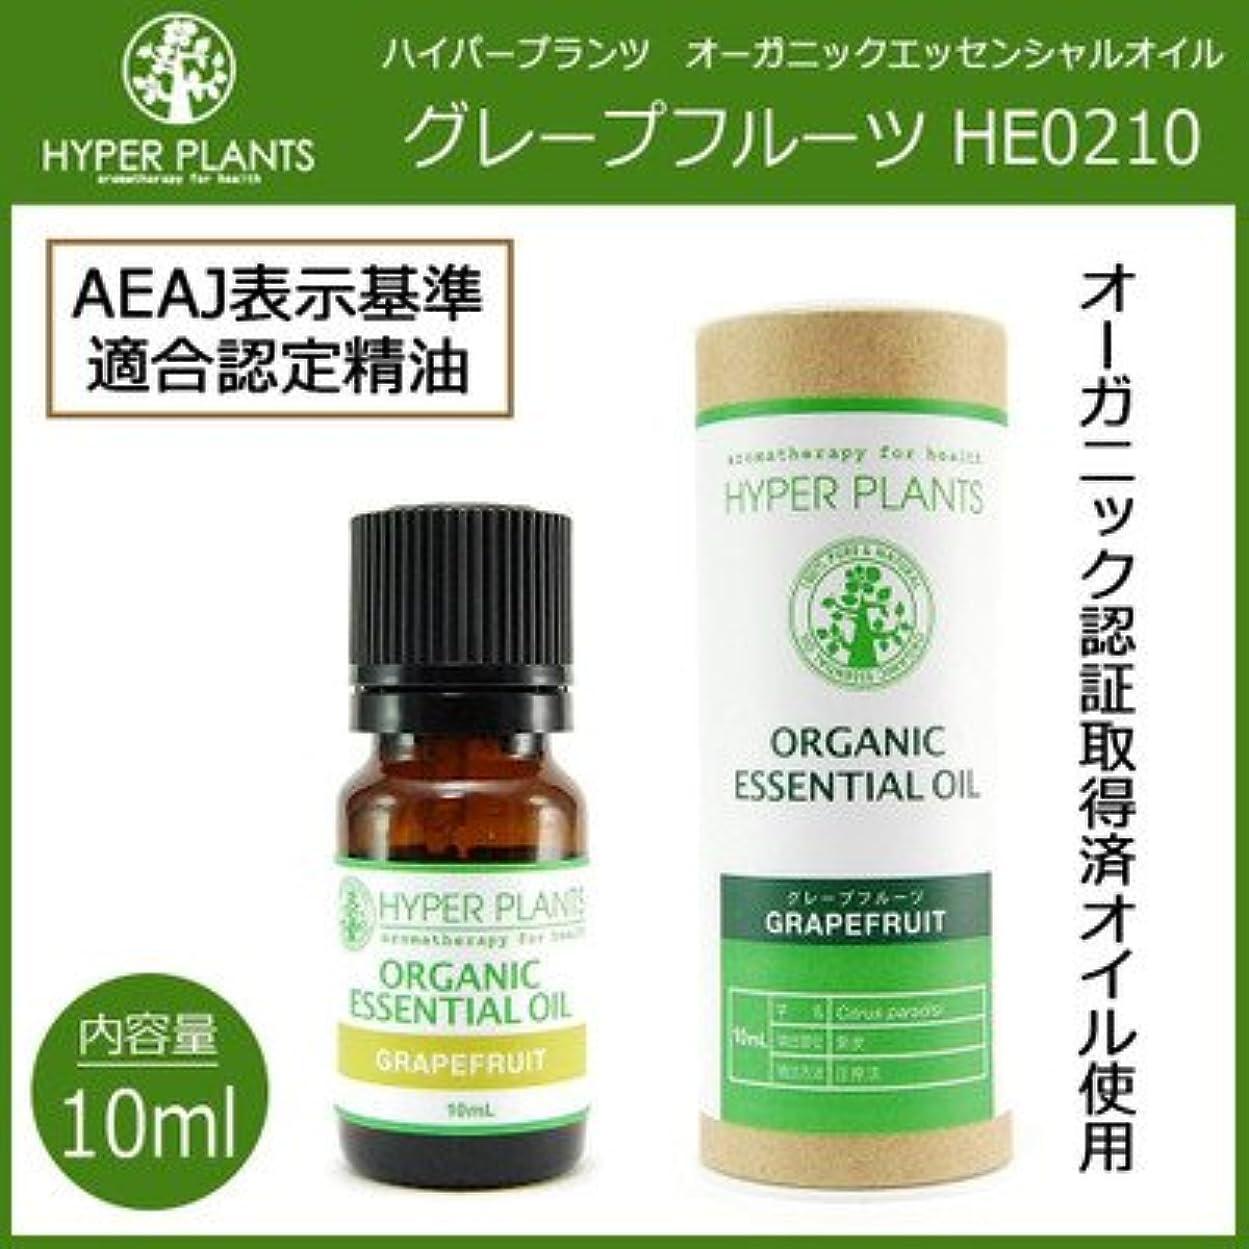 力目覚める賞賛毎日の生活にアロマの香りを HYPER PLANTS ハイパープランツ オーガニックエッセンシャルオイル グレープフルーツ 10ml HE0210